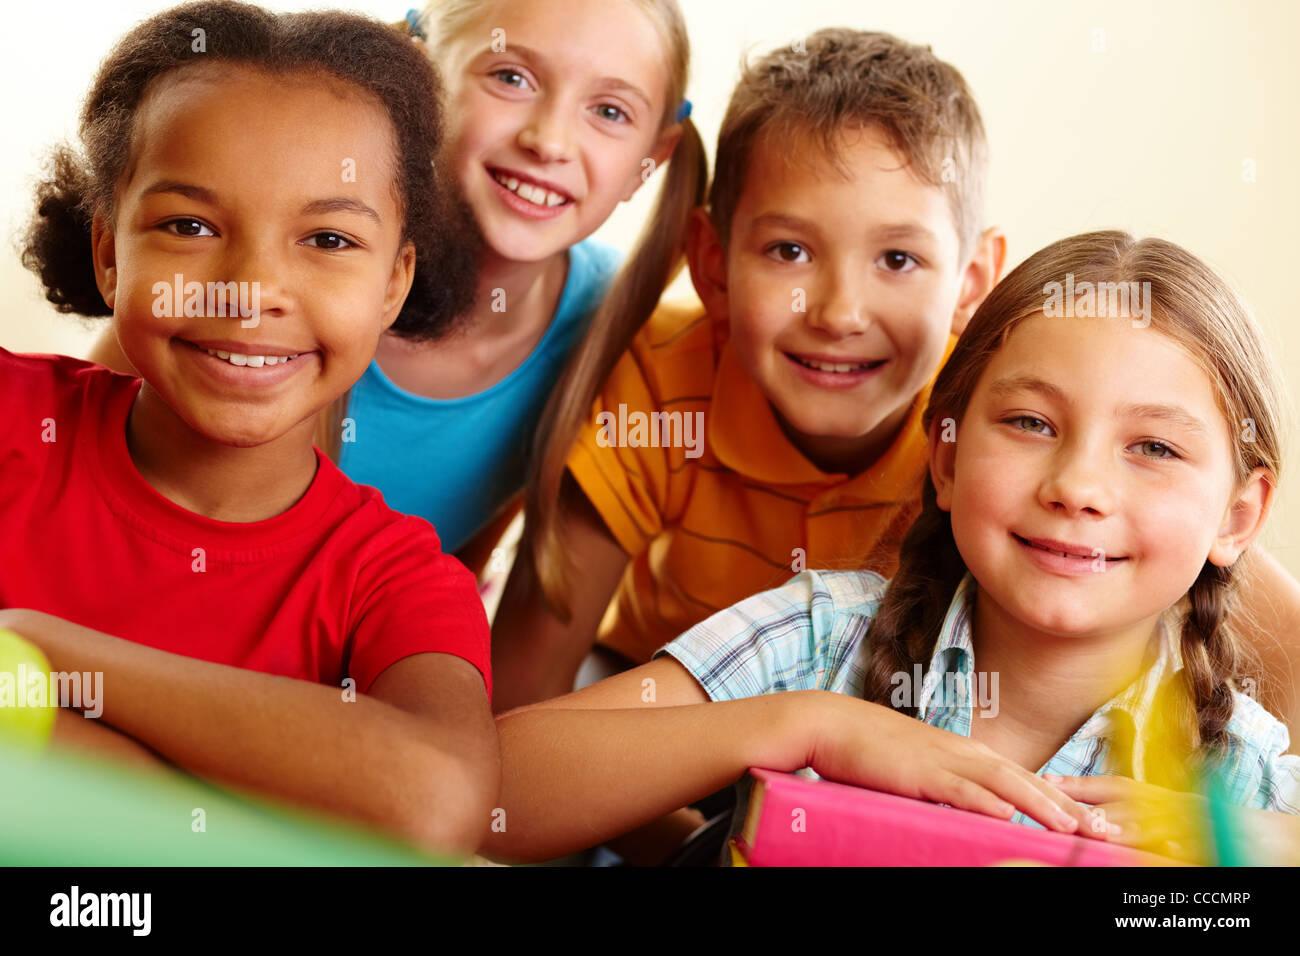 Portrait of smart schoolchildren looking at camera in classroom - Stock Image